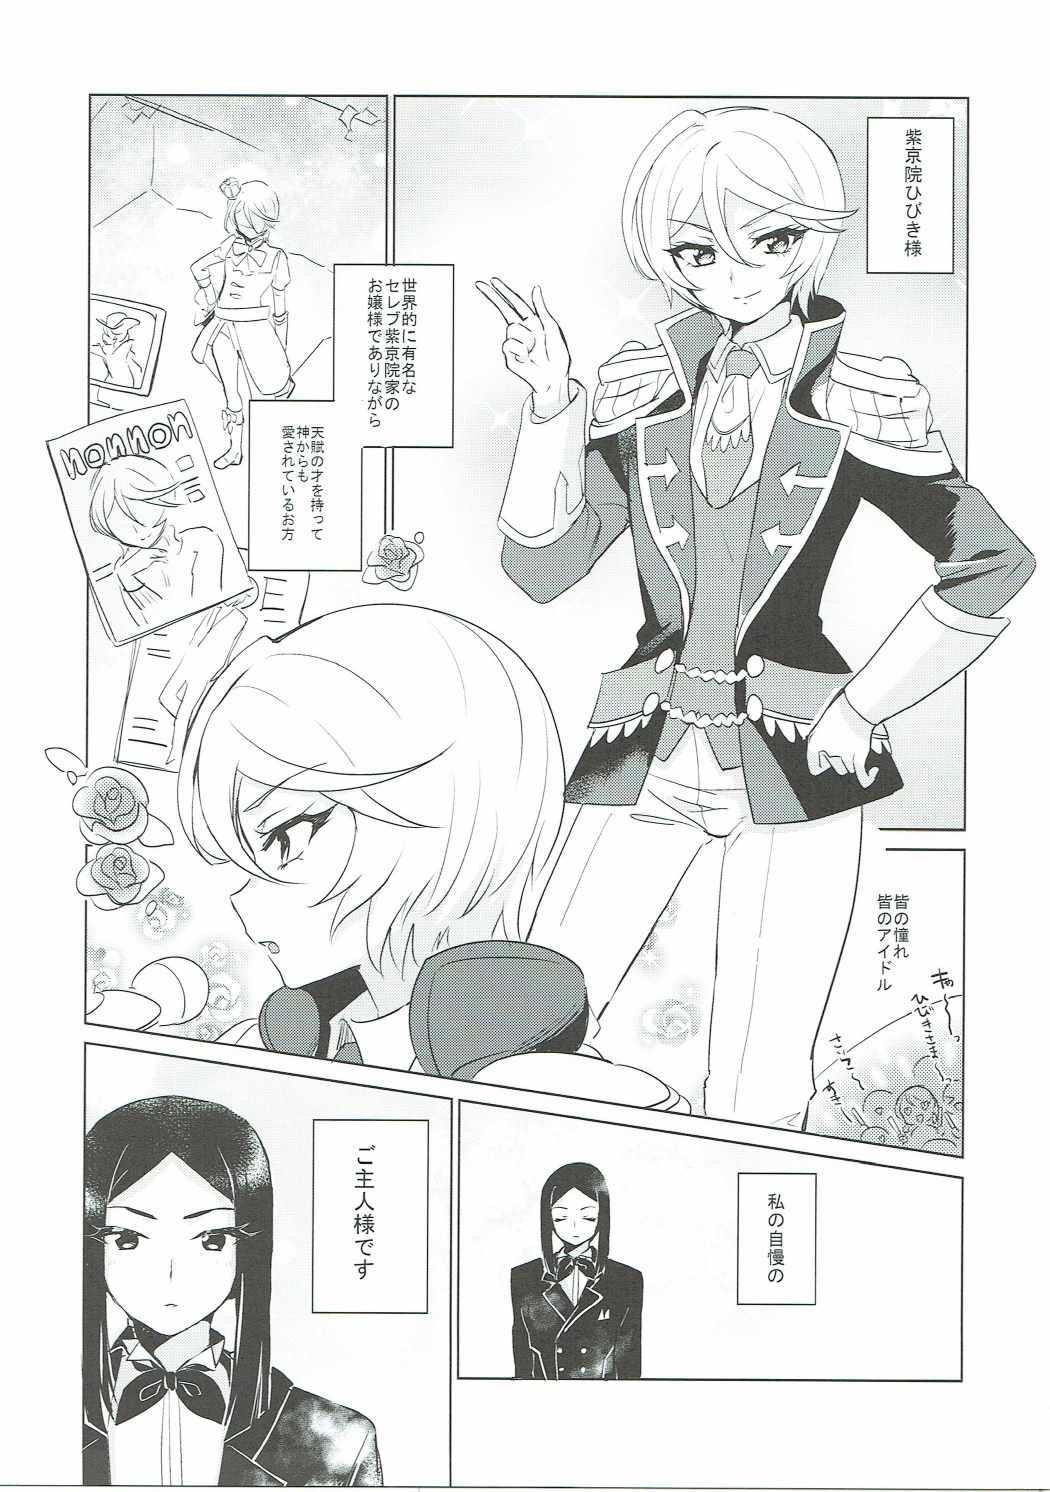 Soshitara Zenbu Yurushite Yaru 3